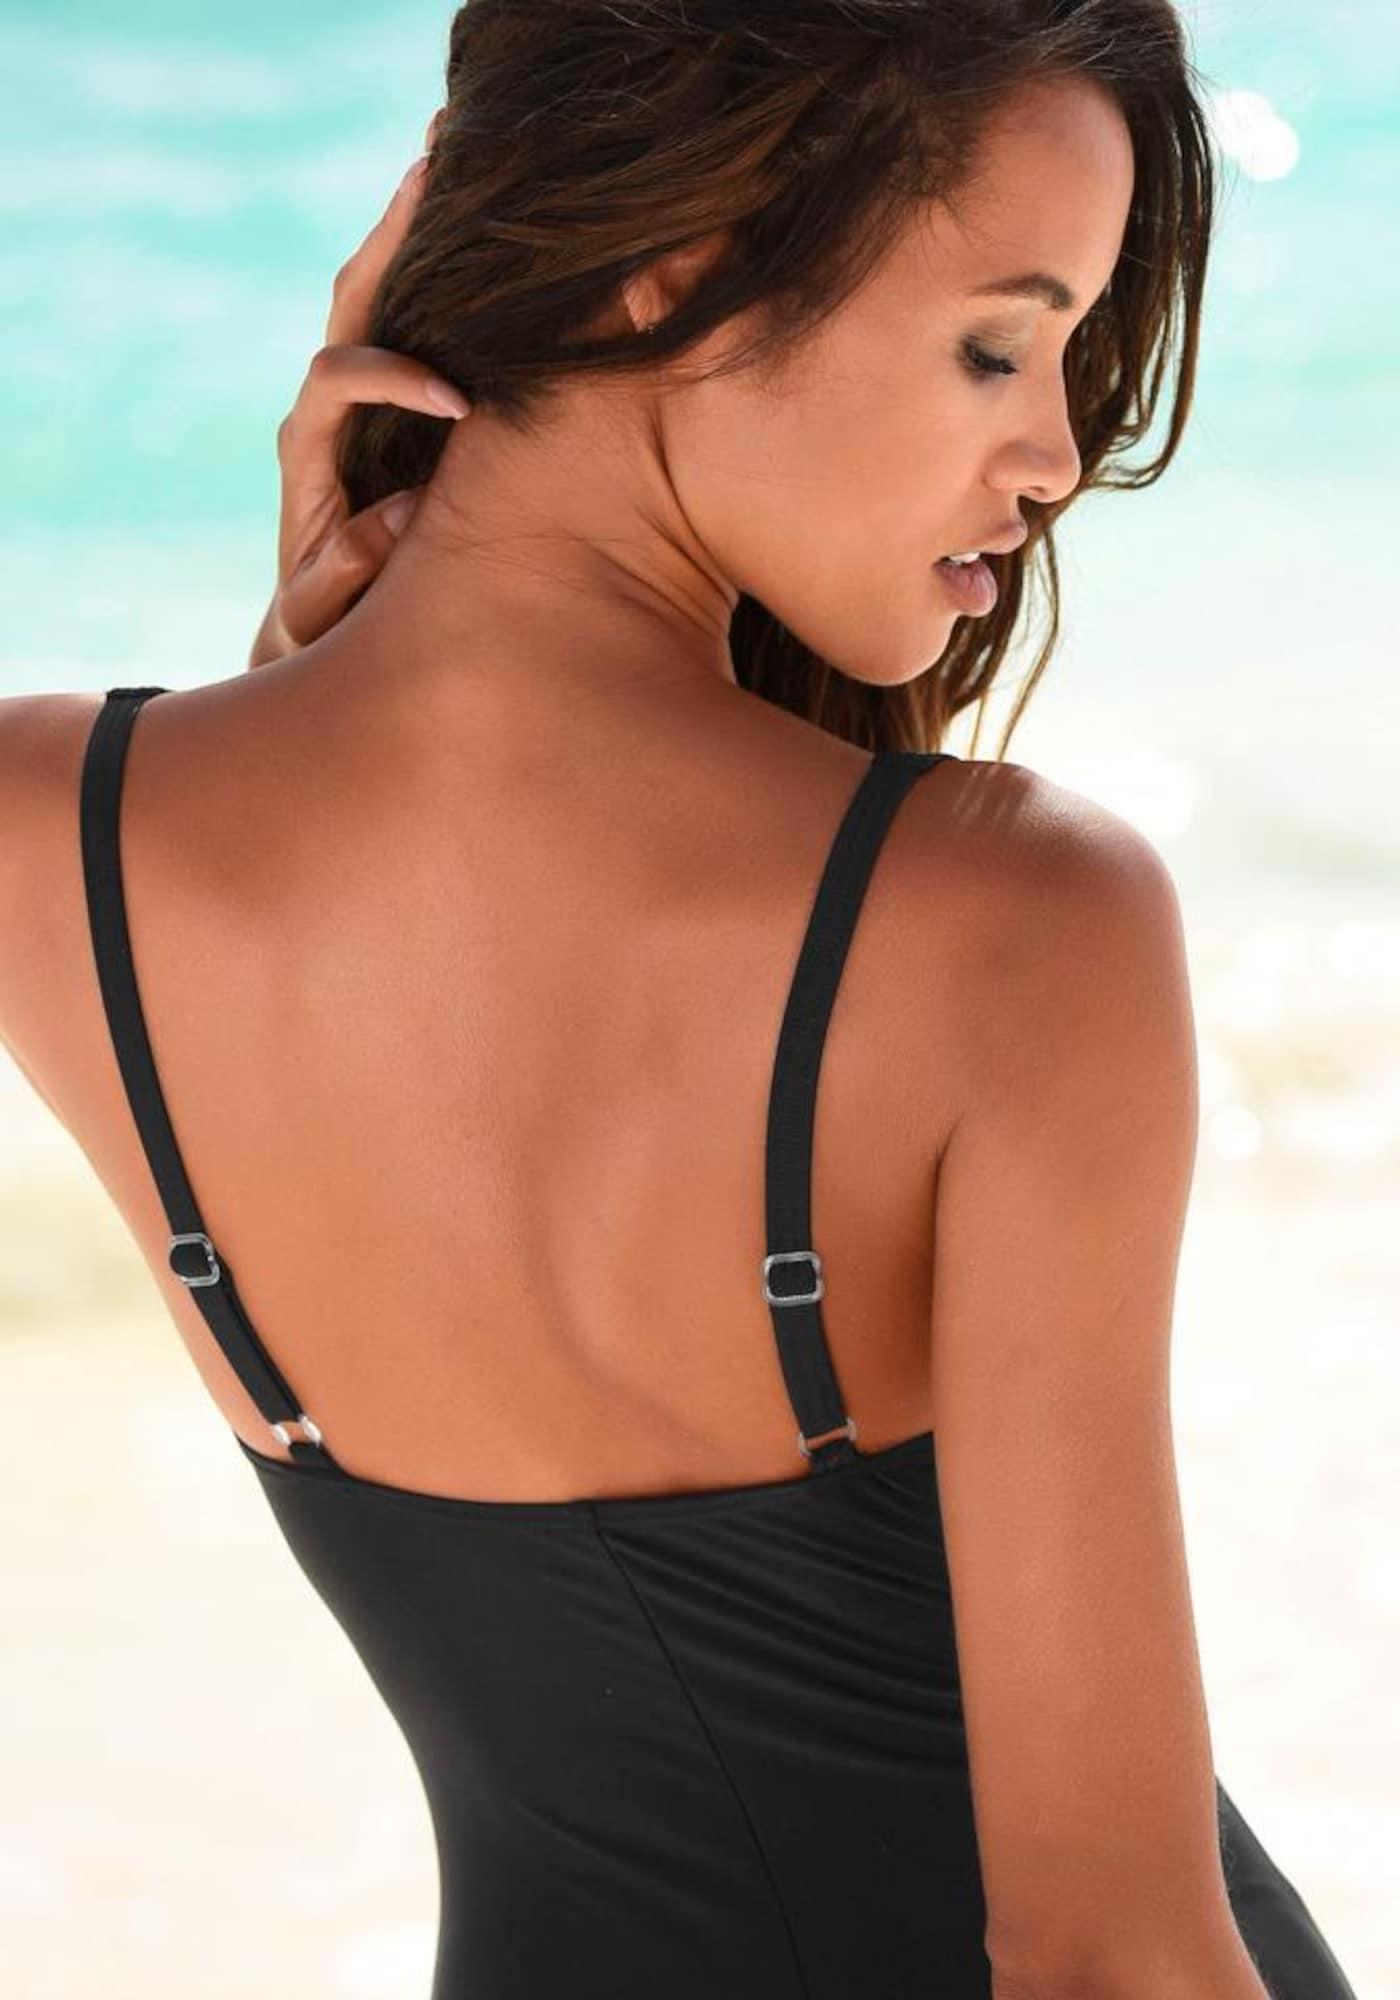 LASCANA Maillot de bain modelant  - Noir - Taille: 46 - female